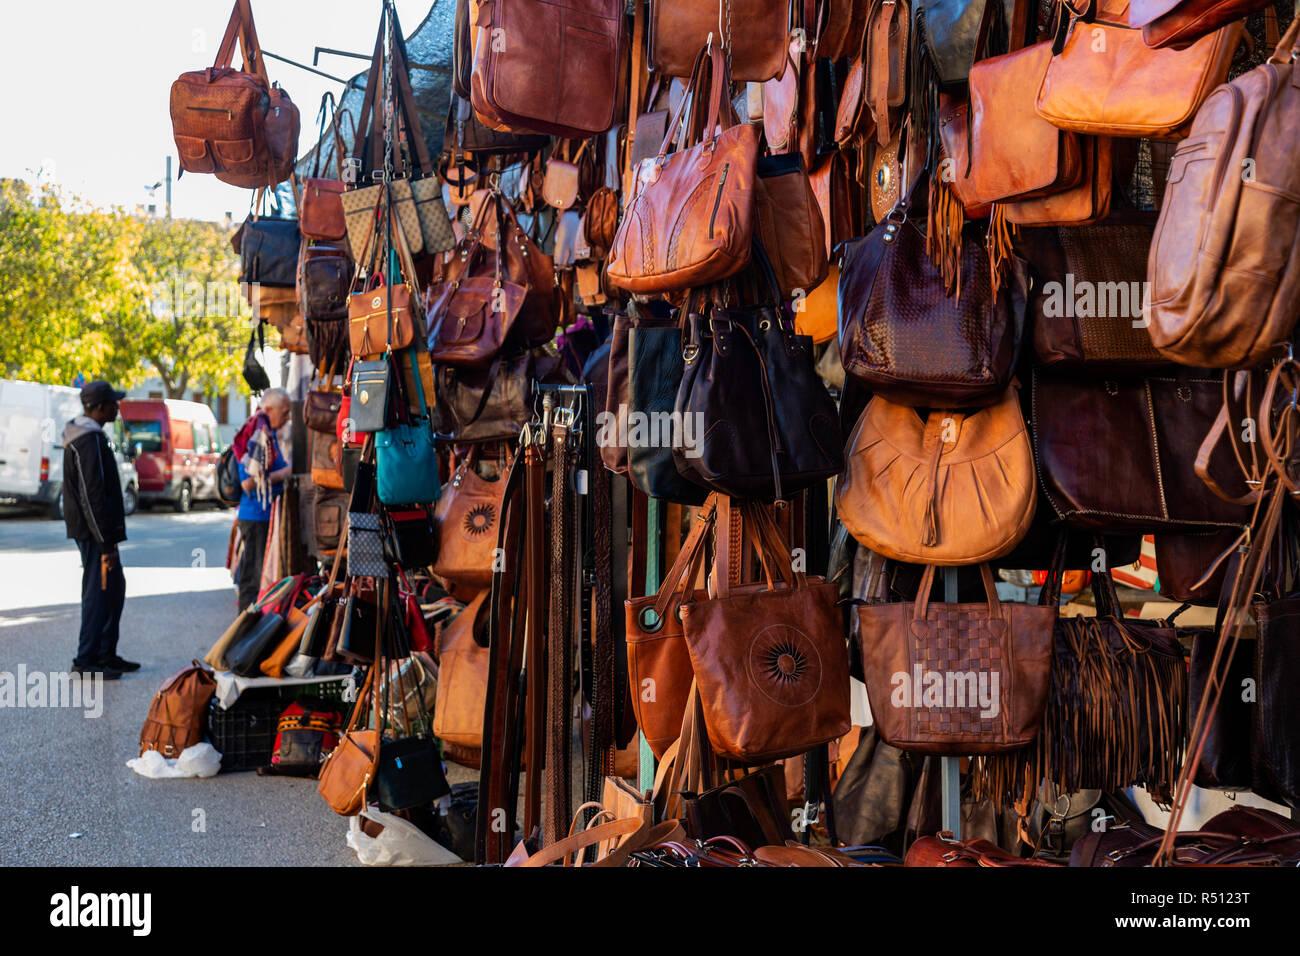 Handtaschen aus Leder zum Verkauf auf dem Wochenmarkt in der